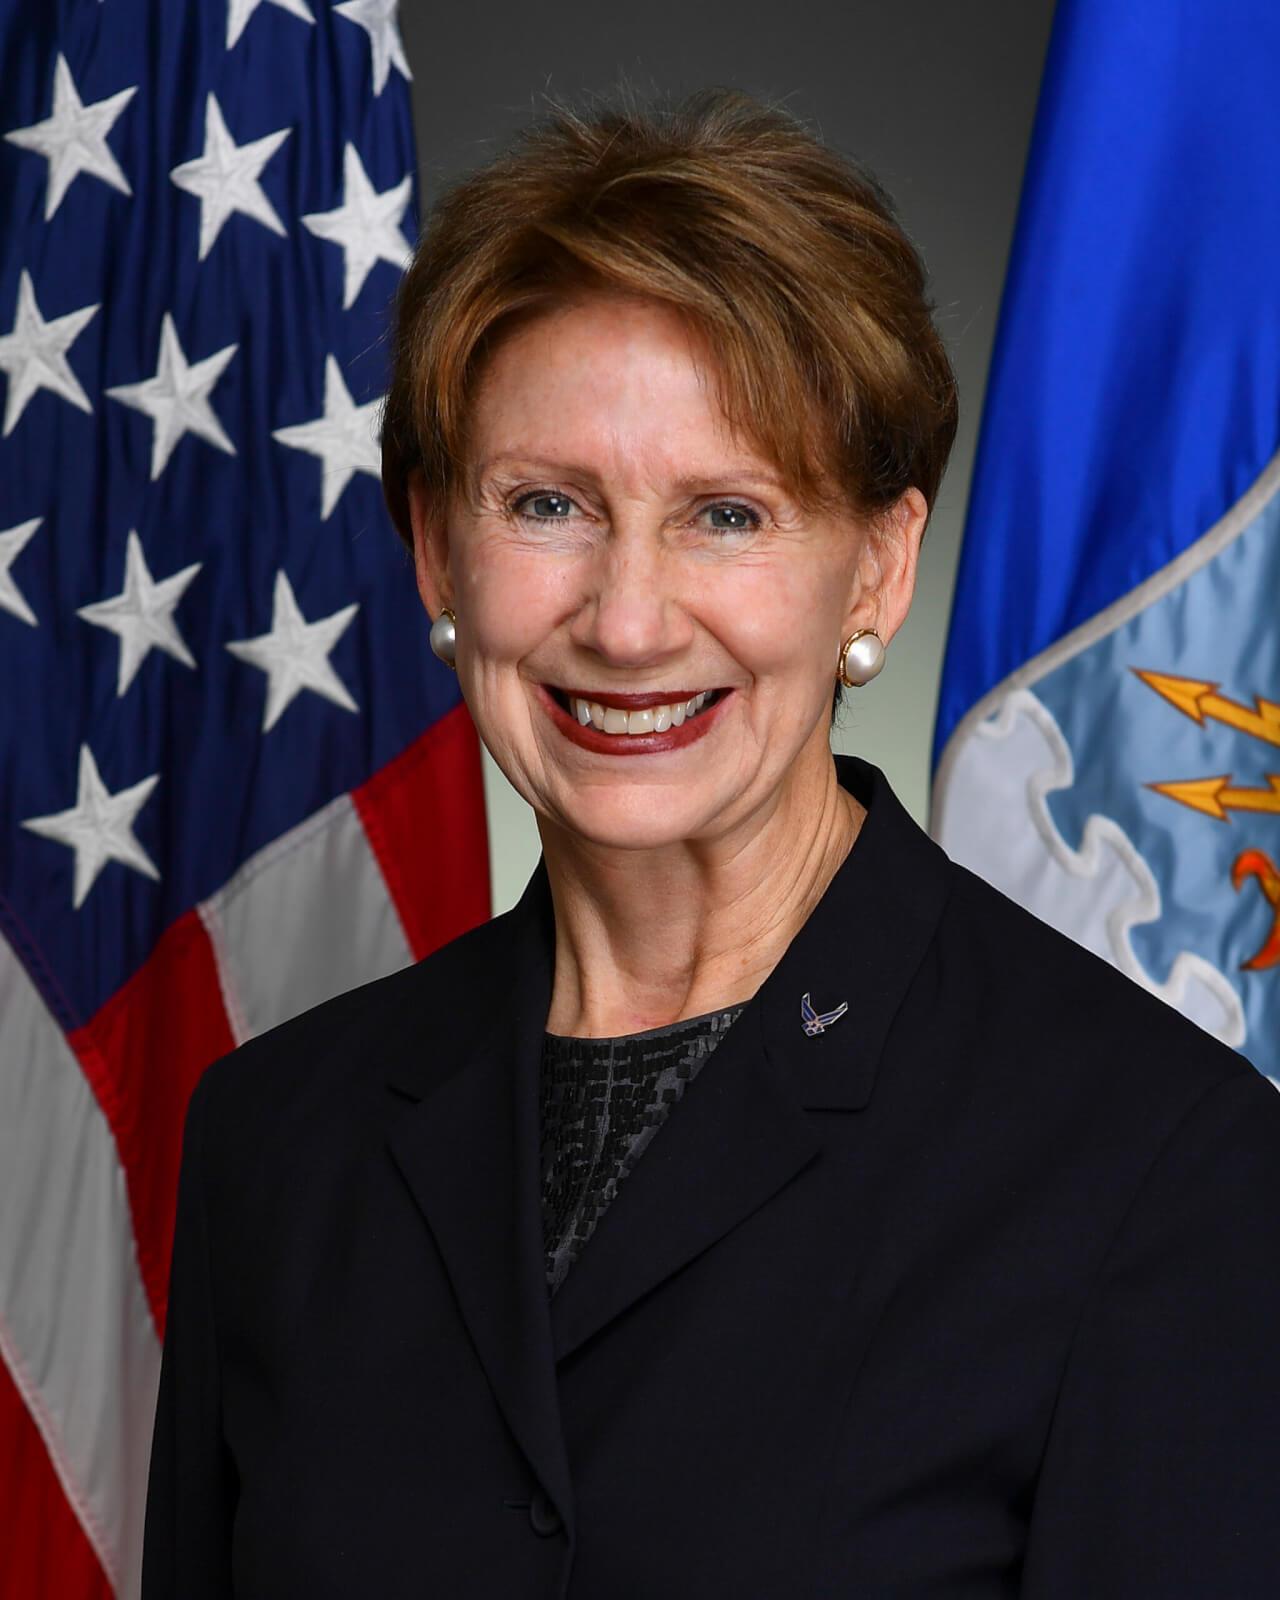 SecAF, The Honorable Barbara Barrett